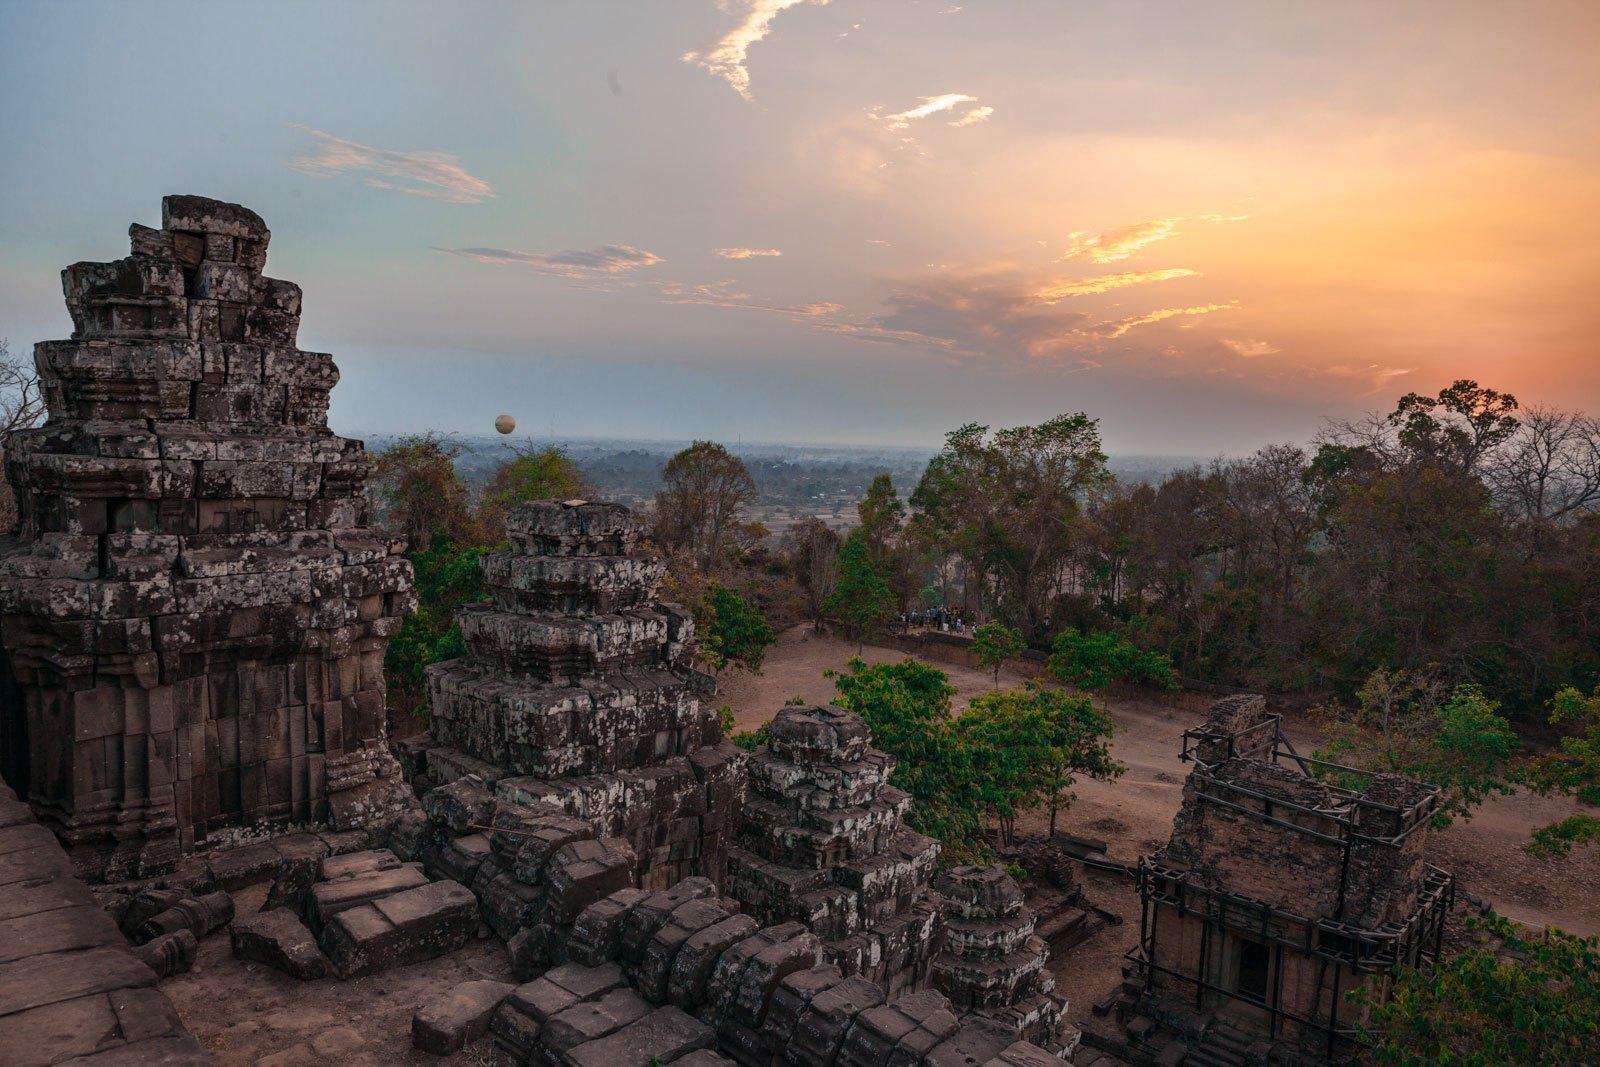 Hình ảnh cuối ngày tại Siem Reap cực đẹp